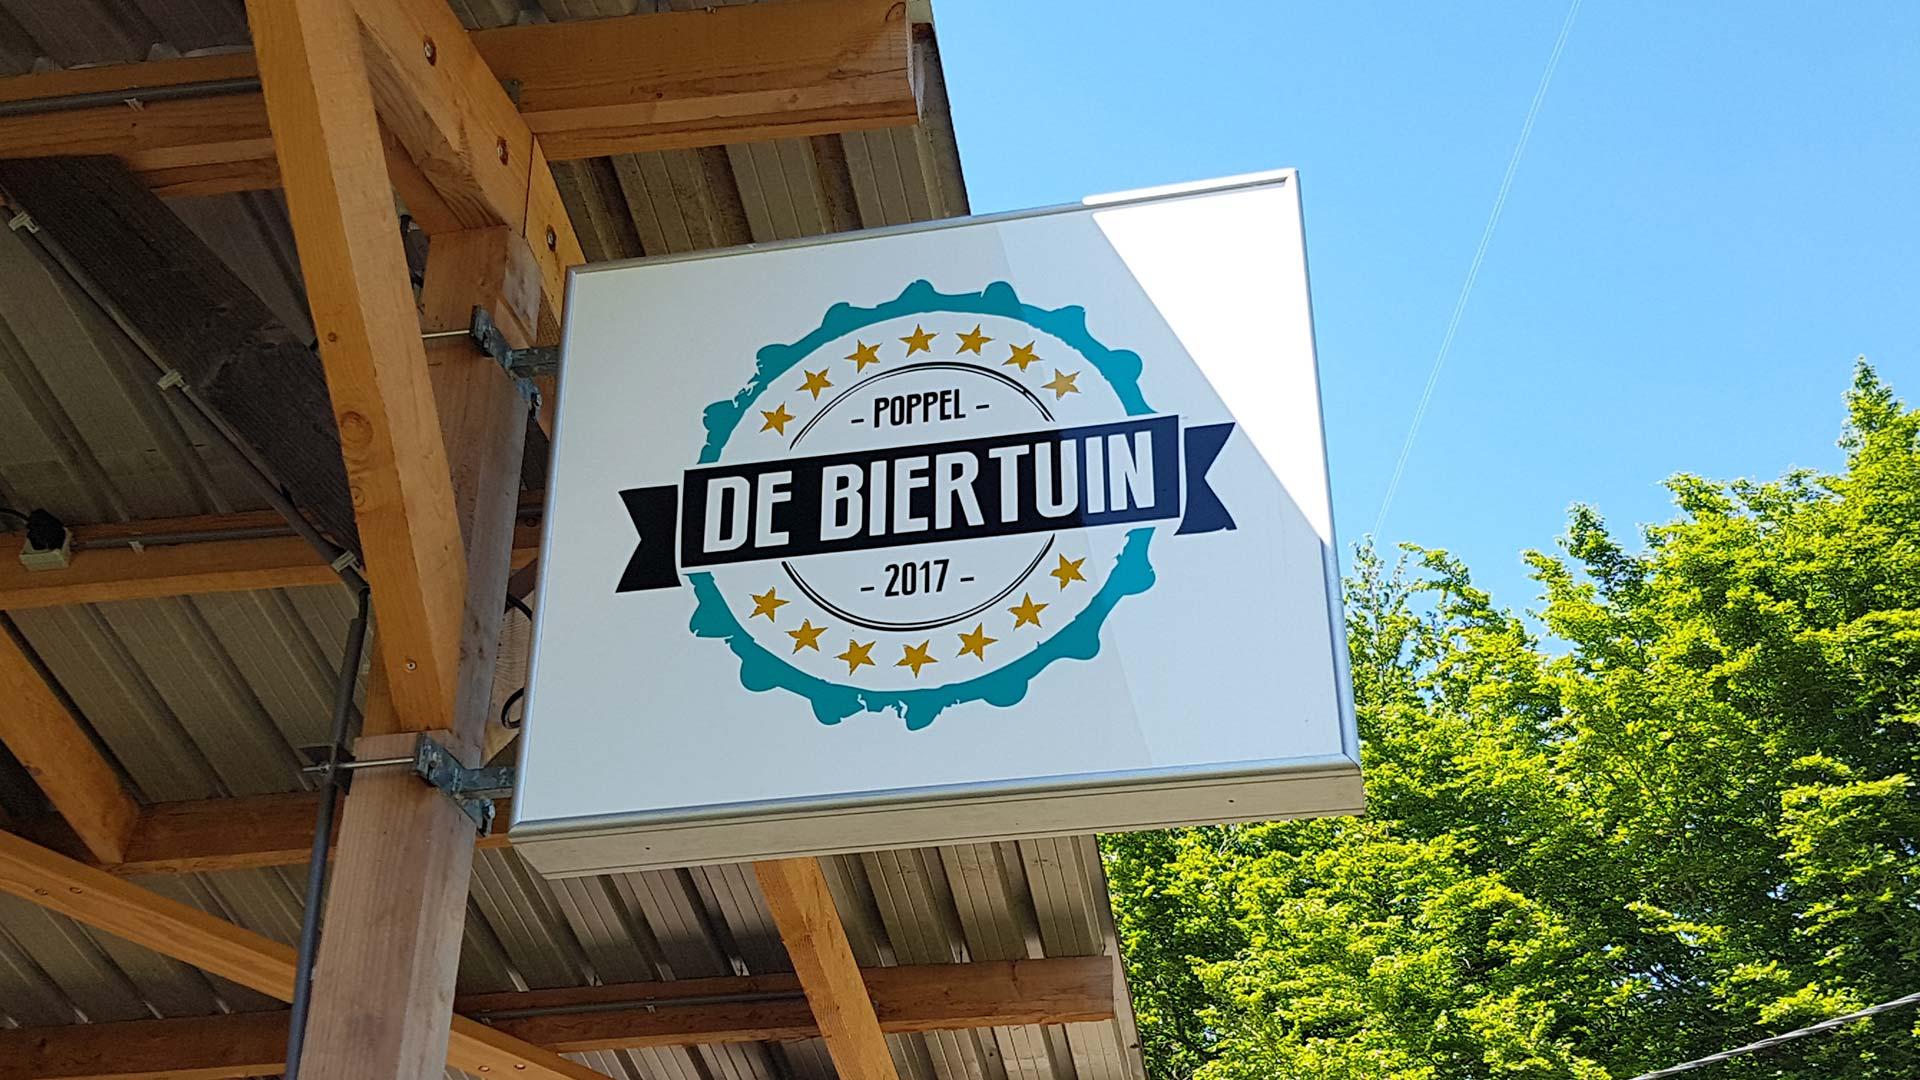 Biertuin Poppel: een perfecte stop tijdens een mooie dag